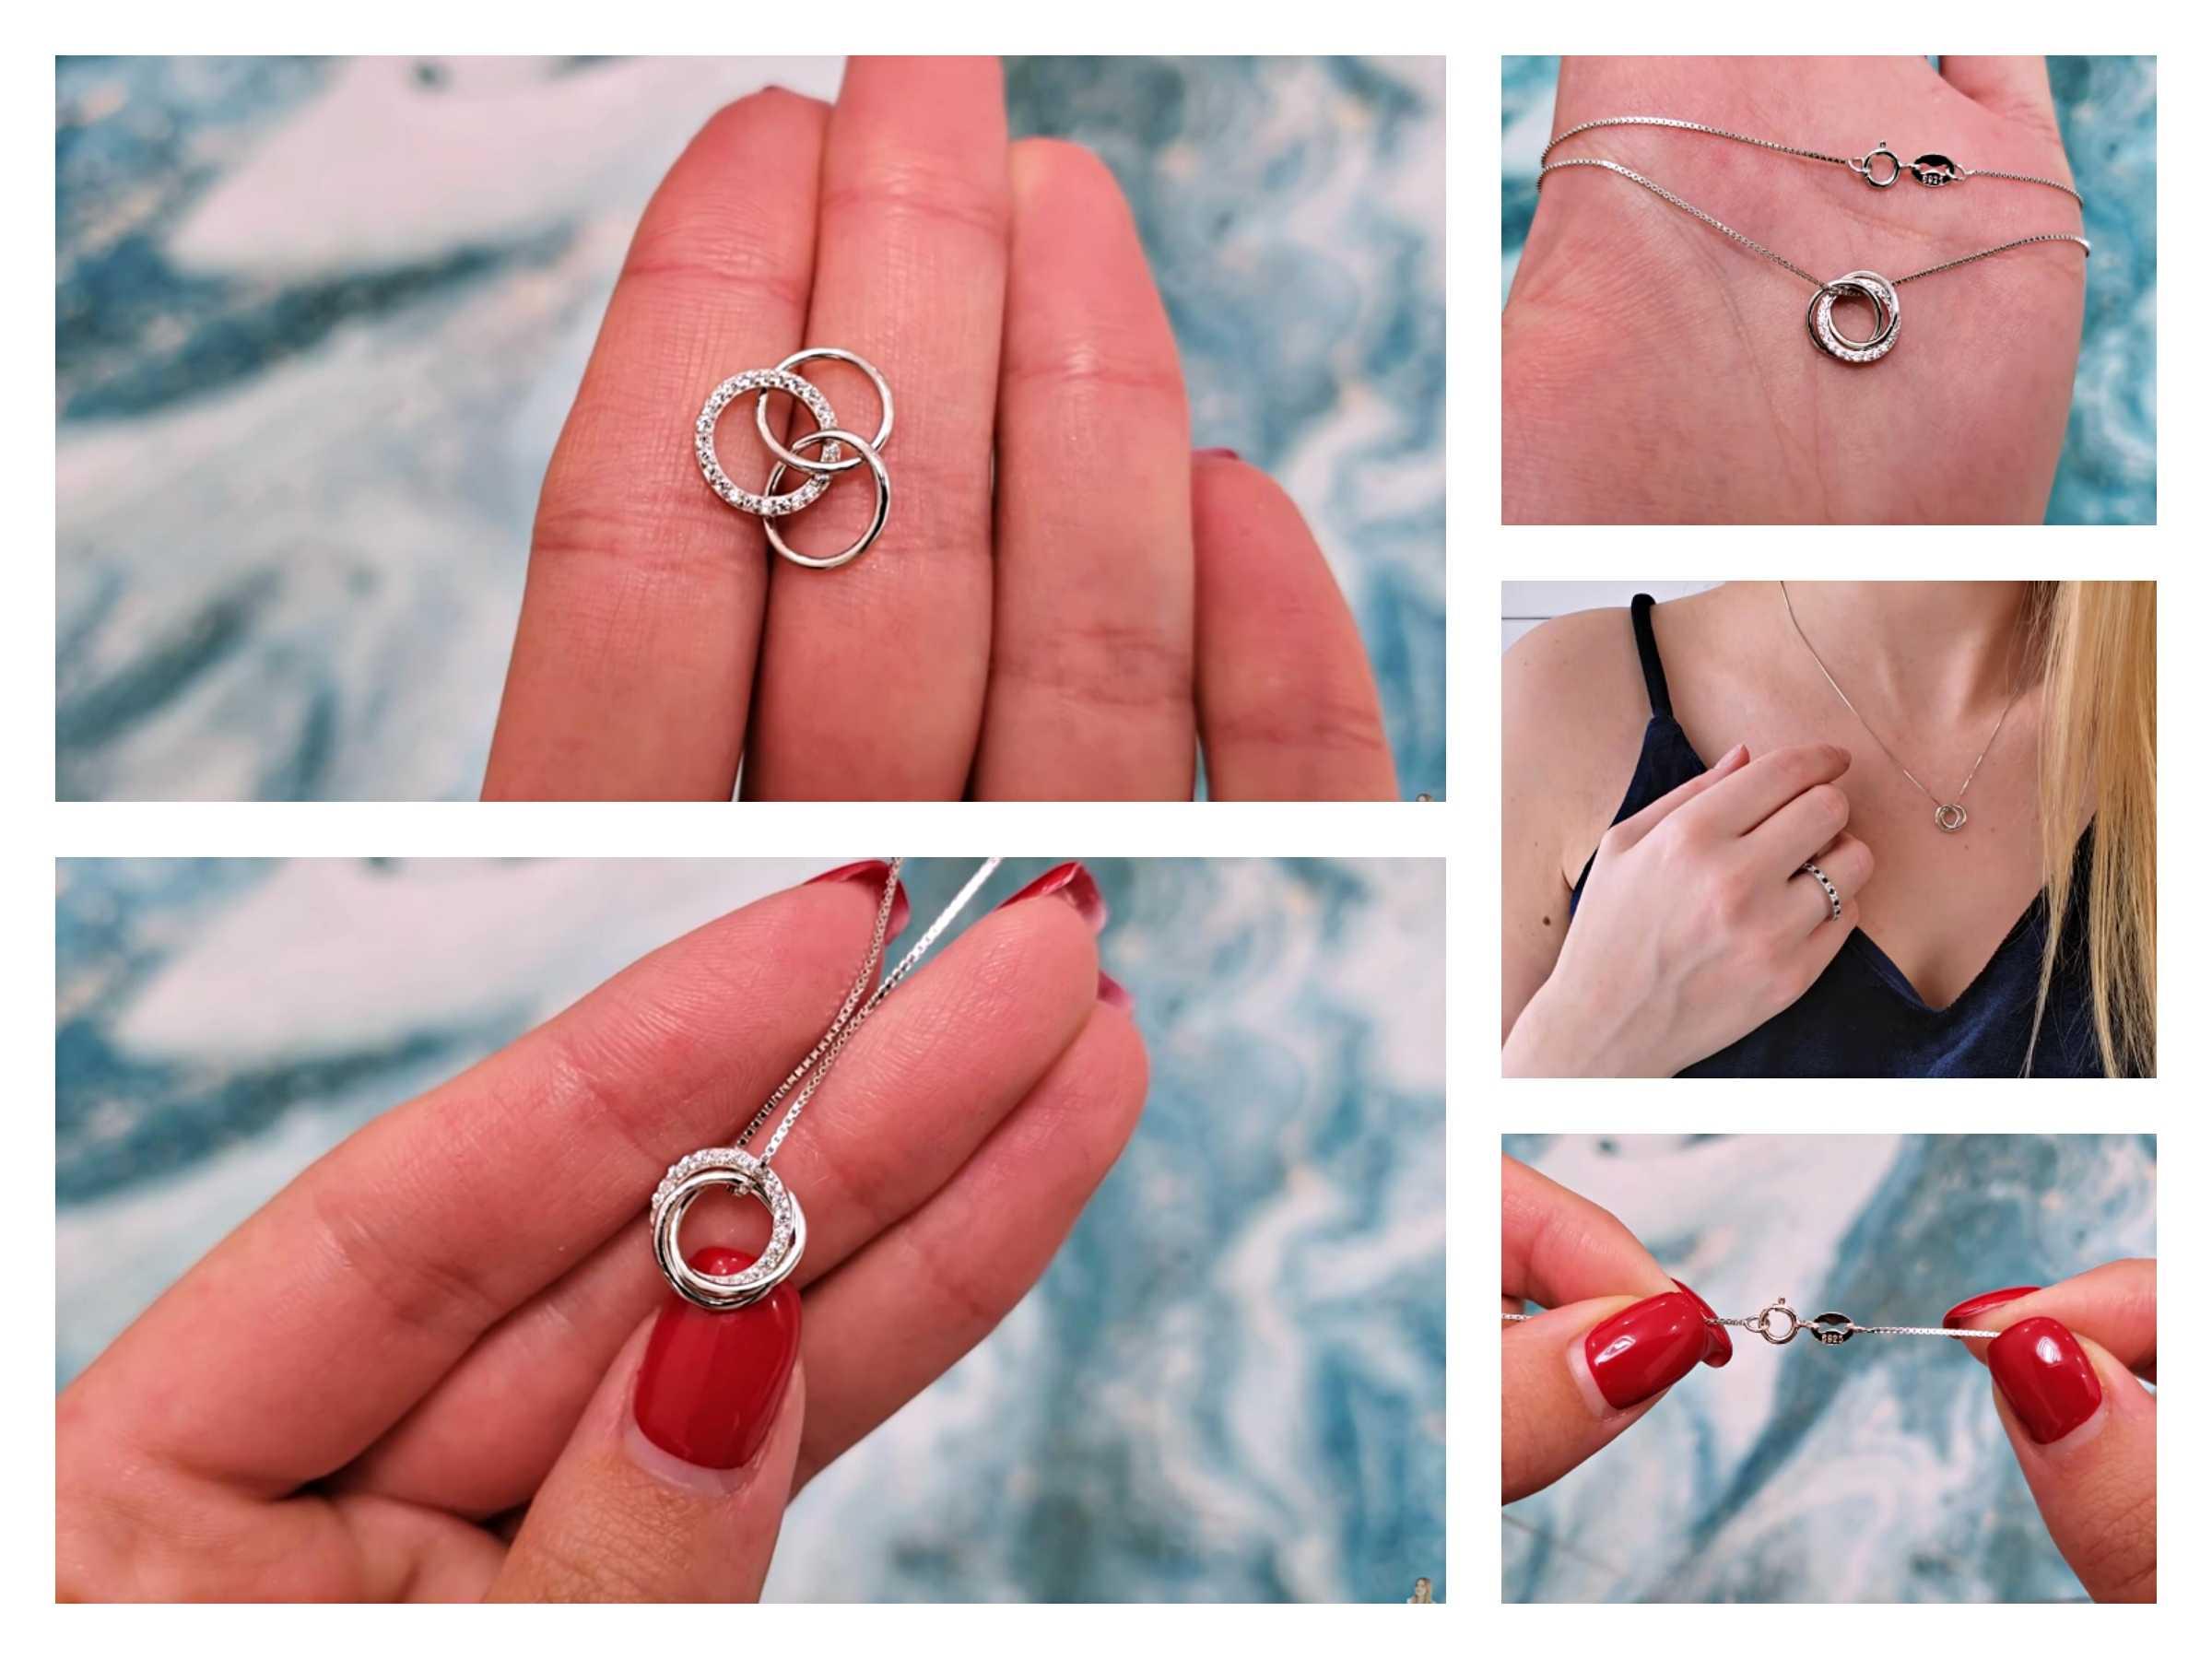 Orsa Juwelen Trendy Eenvoudige Ketting 925 Sterling Zilver Vrouwen Kettingen Met 3 Grote Cirkel Aaaa Zirkoon Sieraden Huwelijkscadeau OSN175